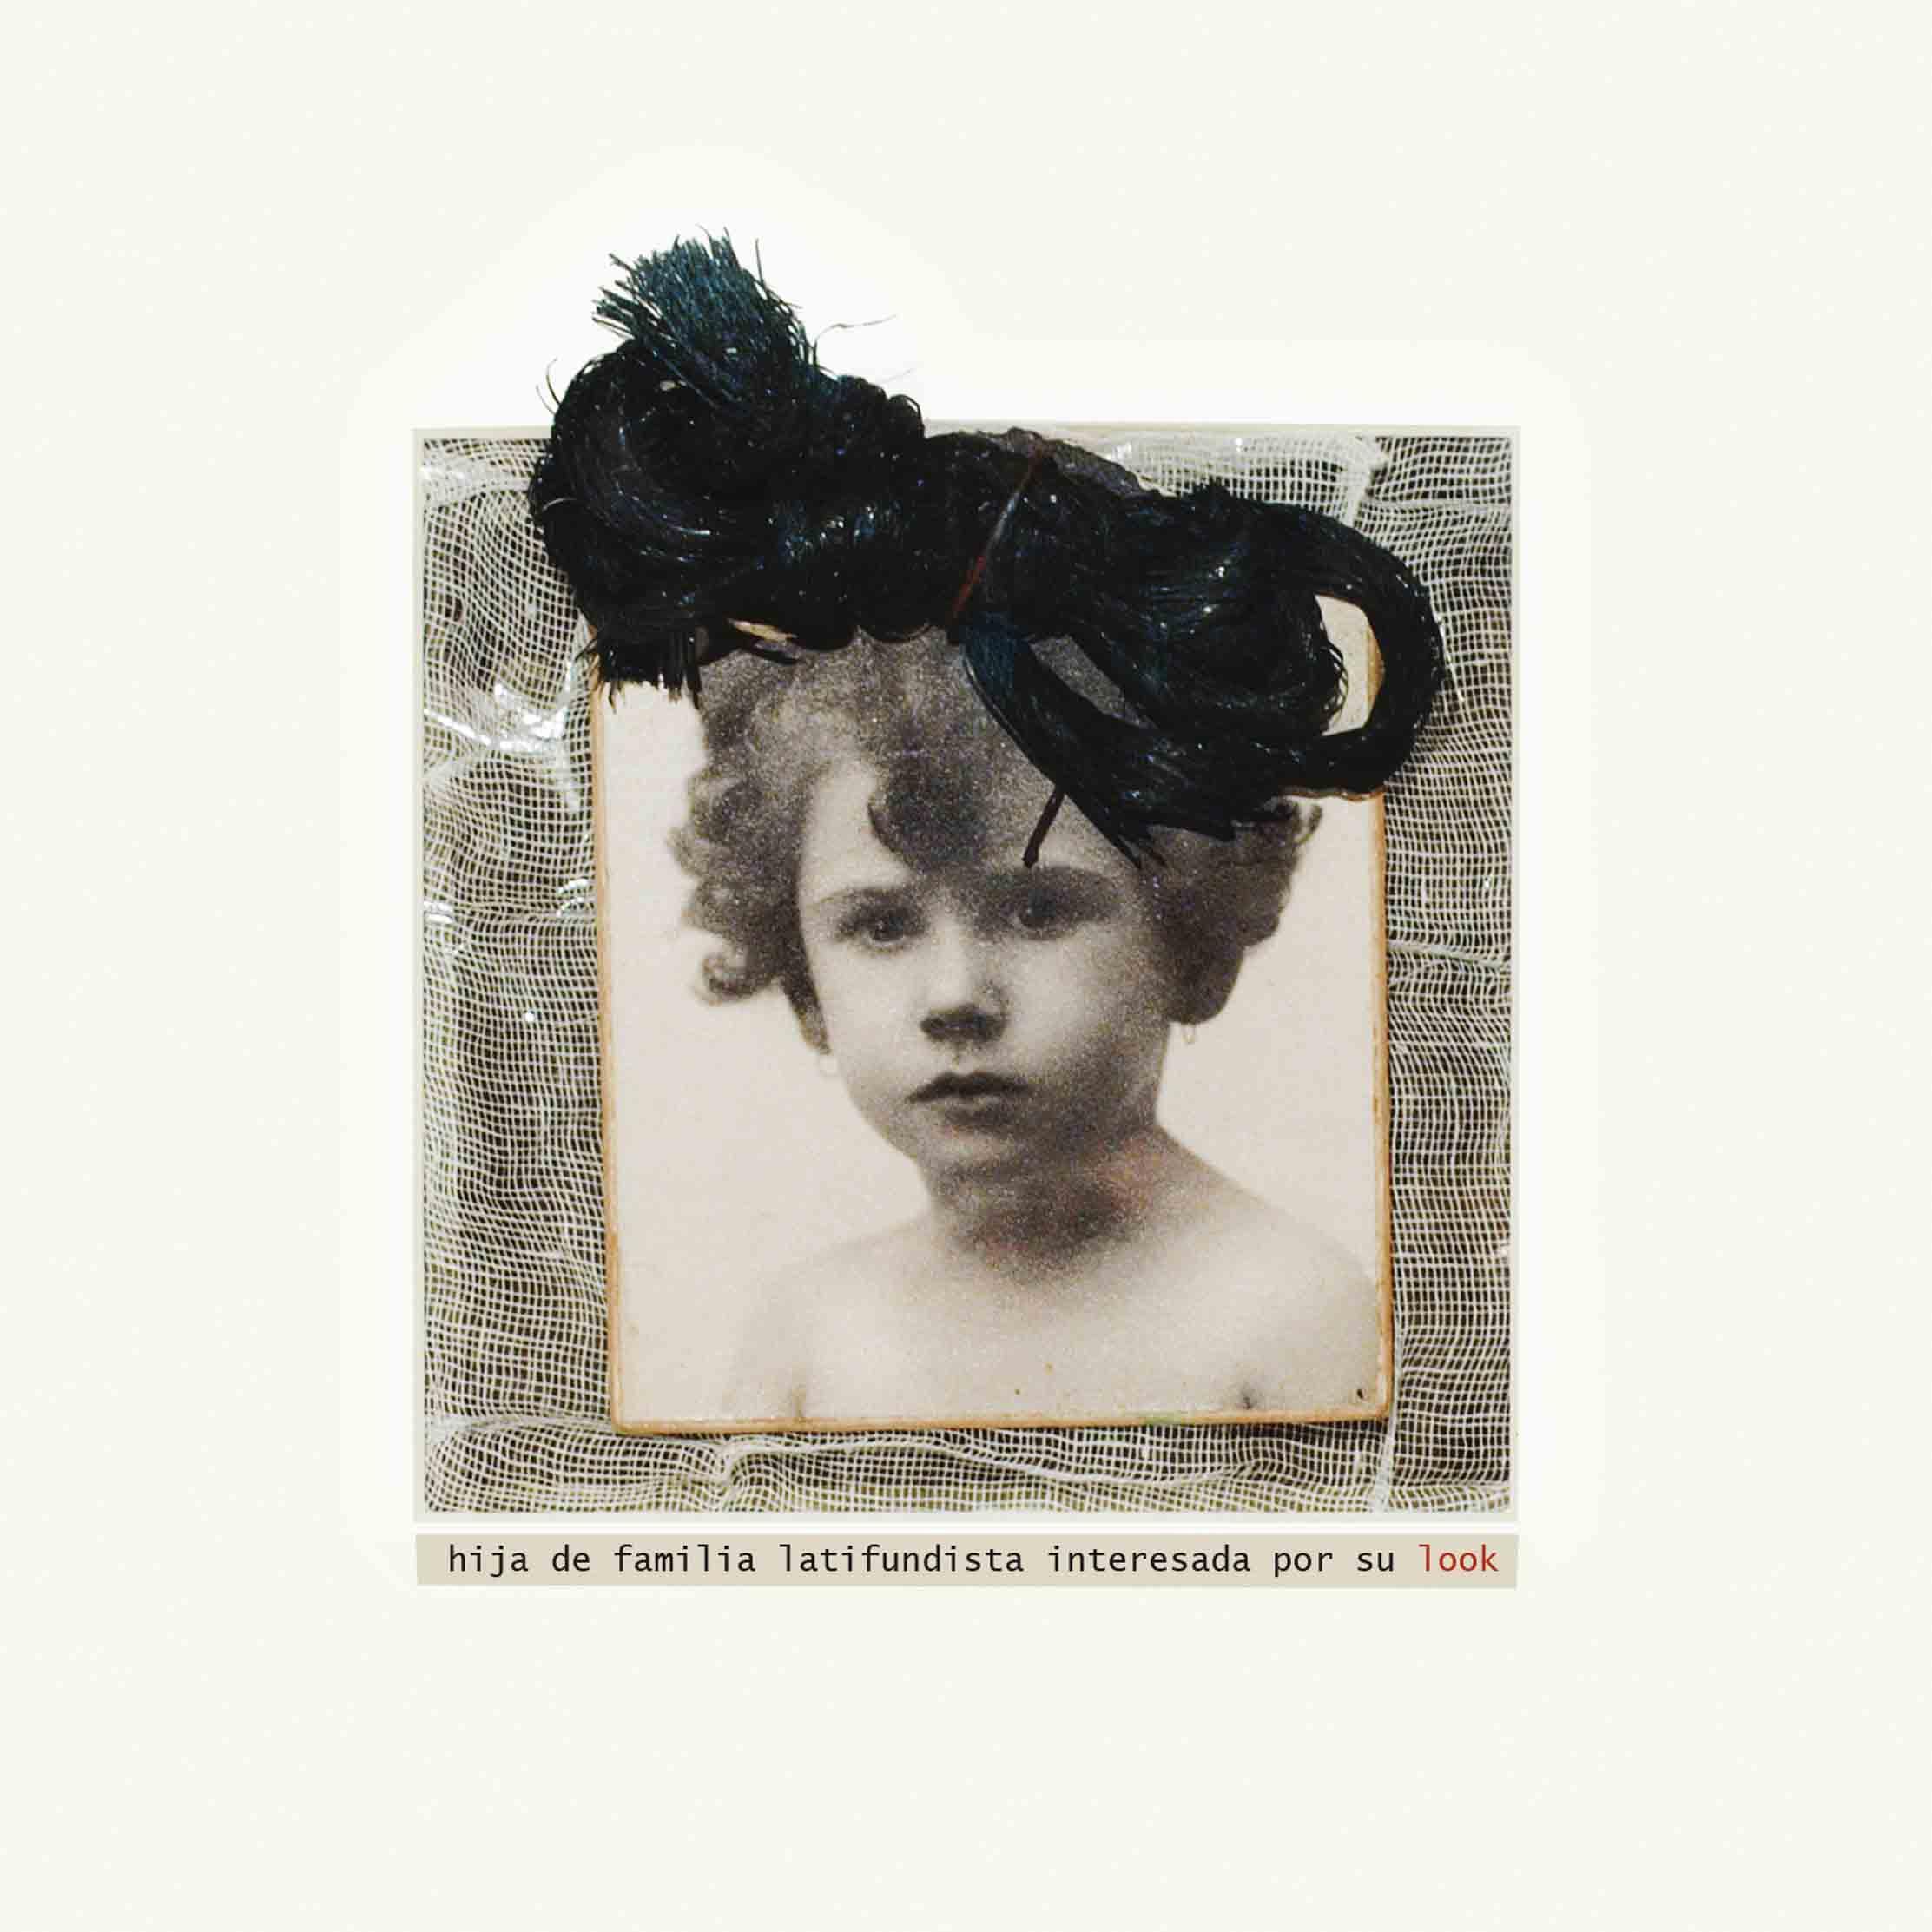 Hija de familia, 2009<br/>Fotografía de collage / Collage photography.